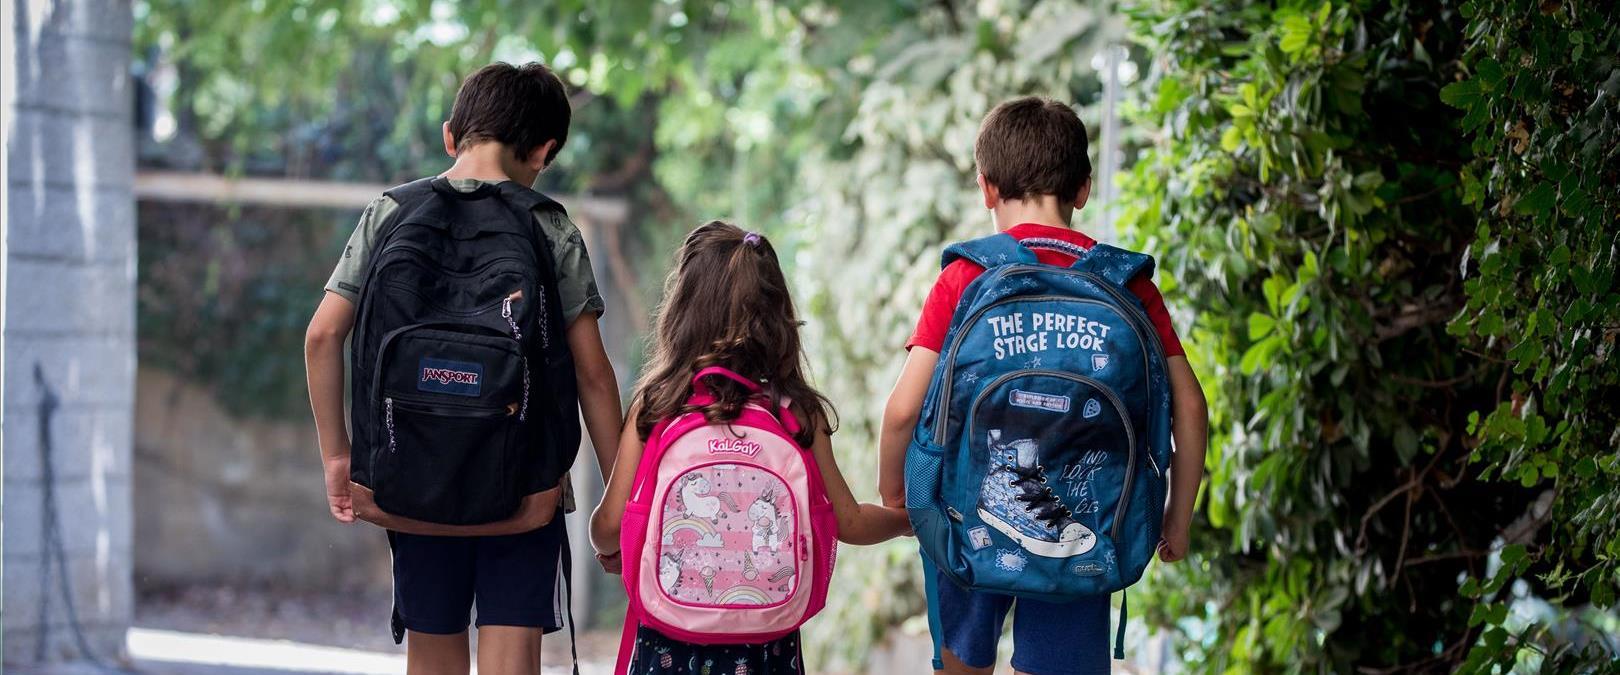 תלמידים מתכוננים ליום הראשון ללימודים בירושלים